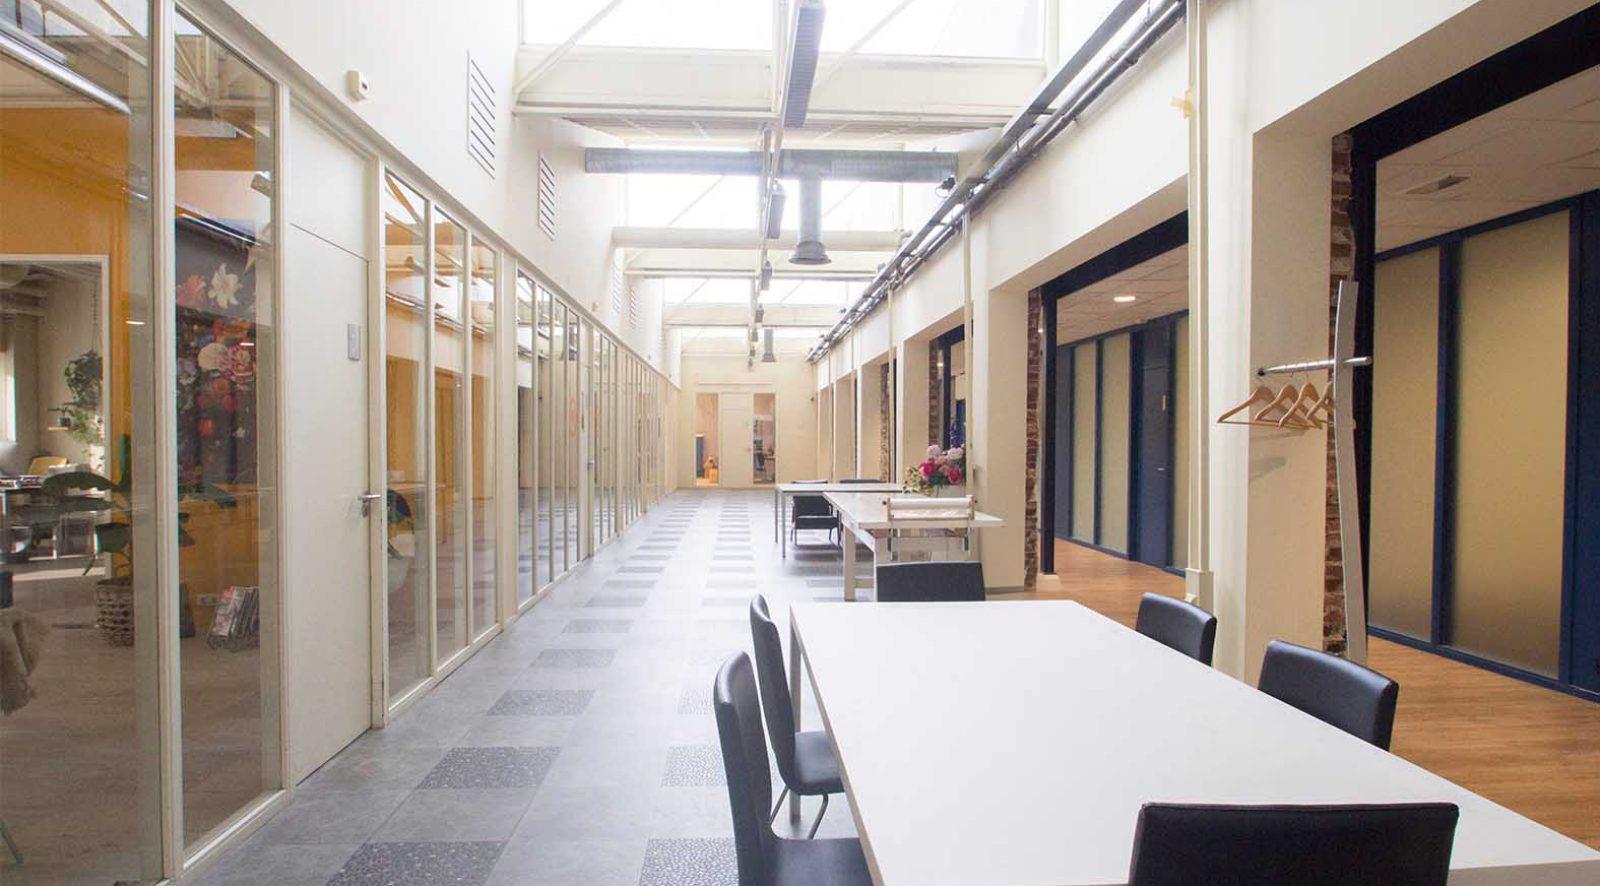 Kantoor huren | Crown Business Center Aalsmeer